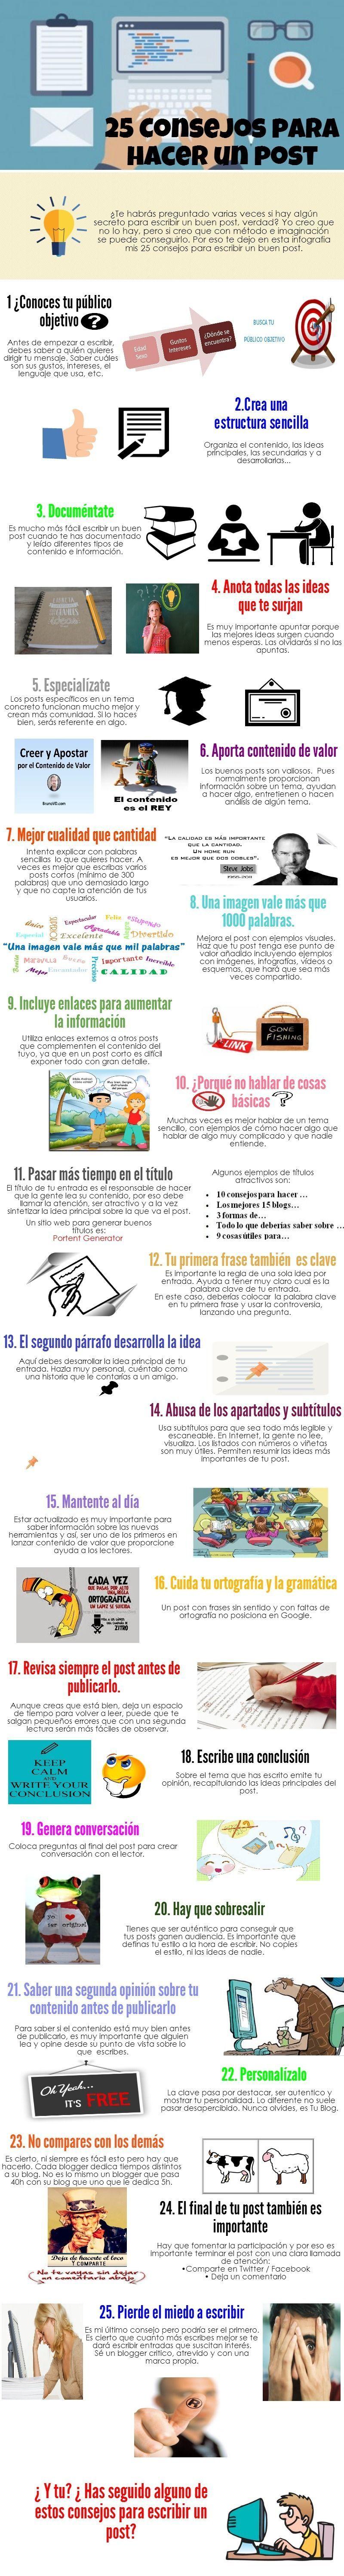 infografia con consejos para crear un artículo perfecto